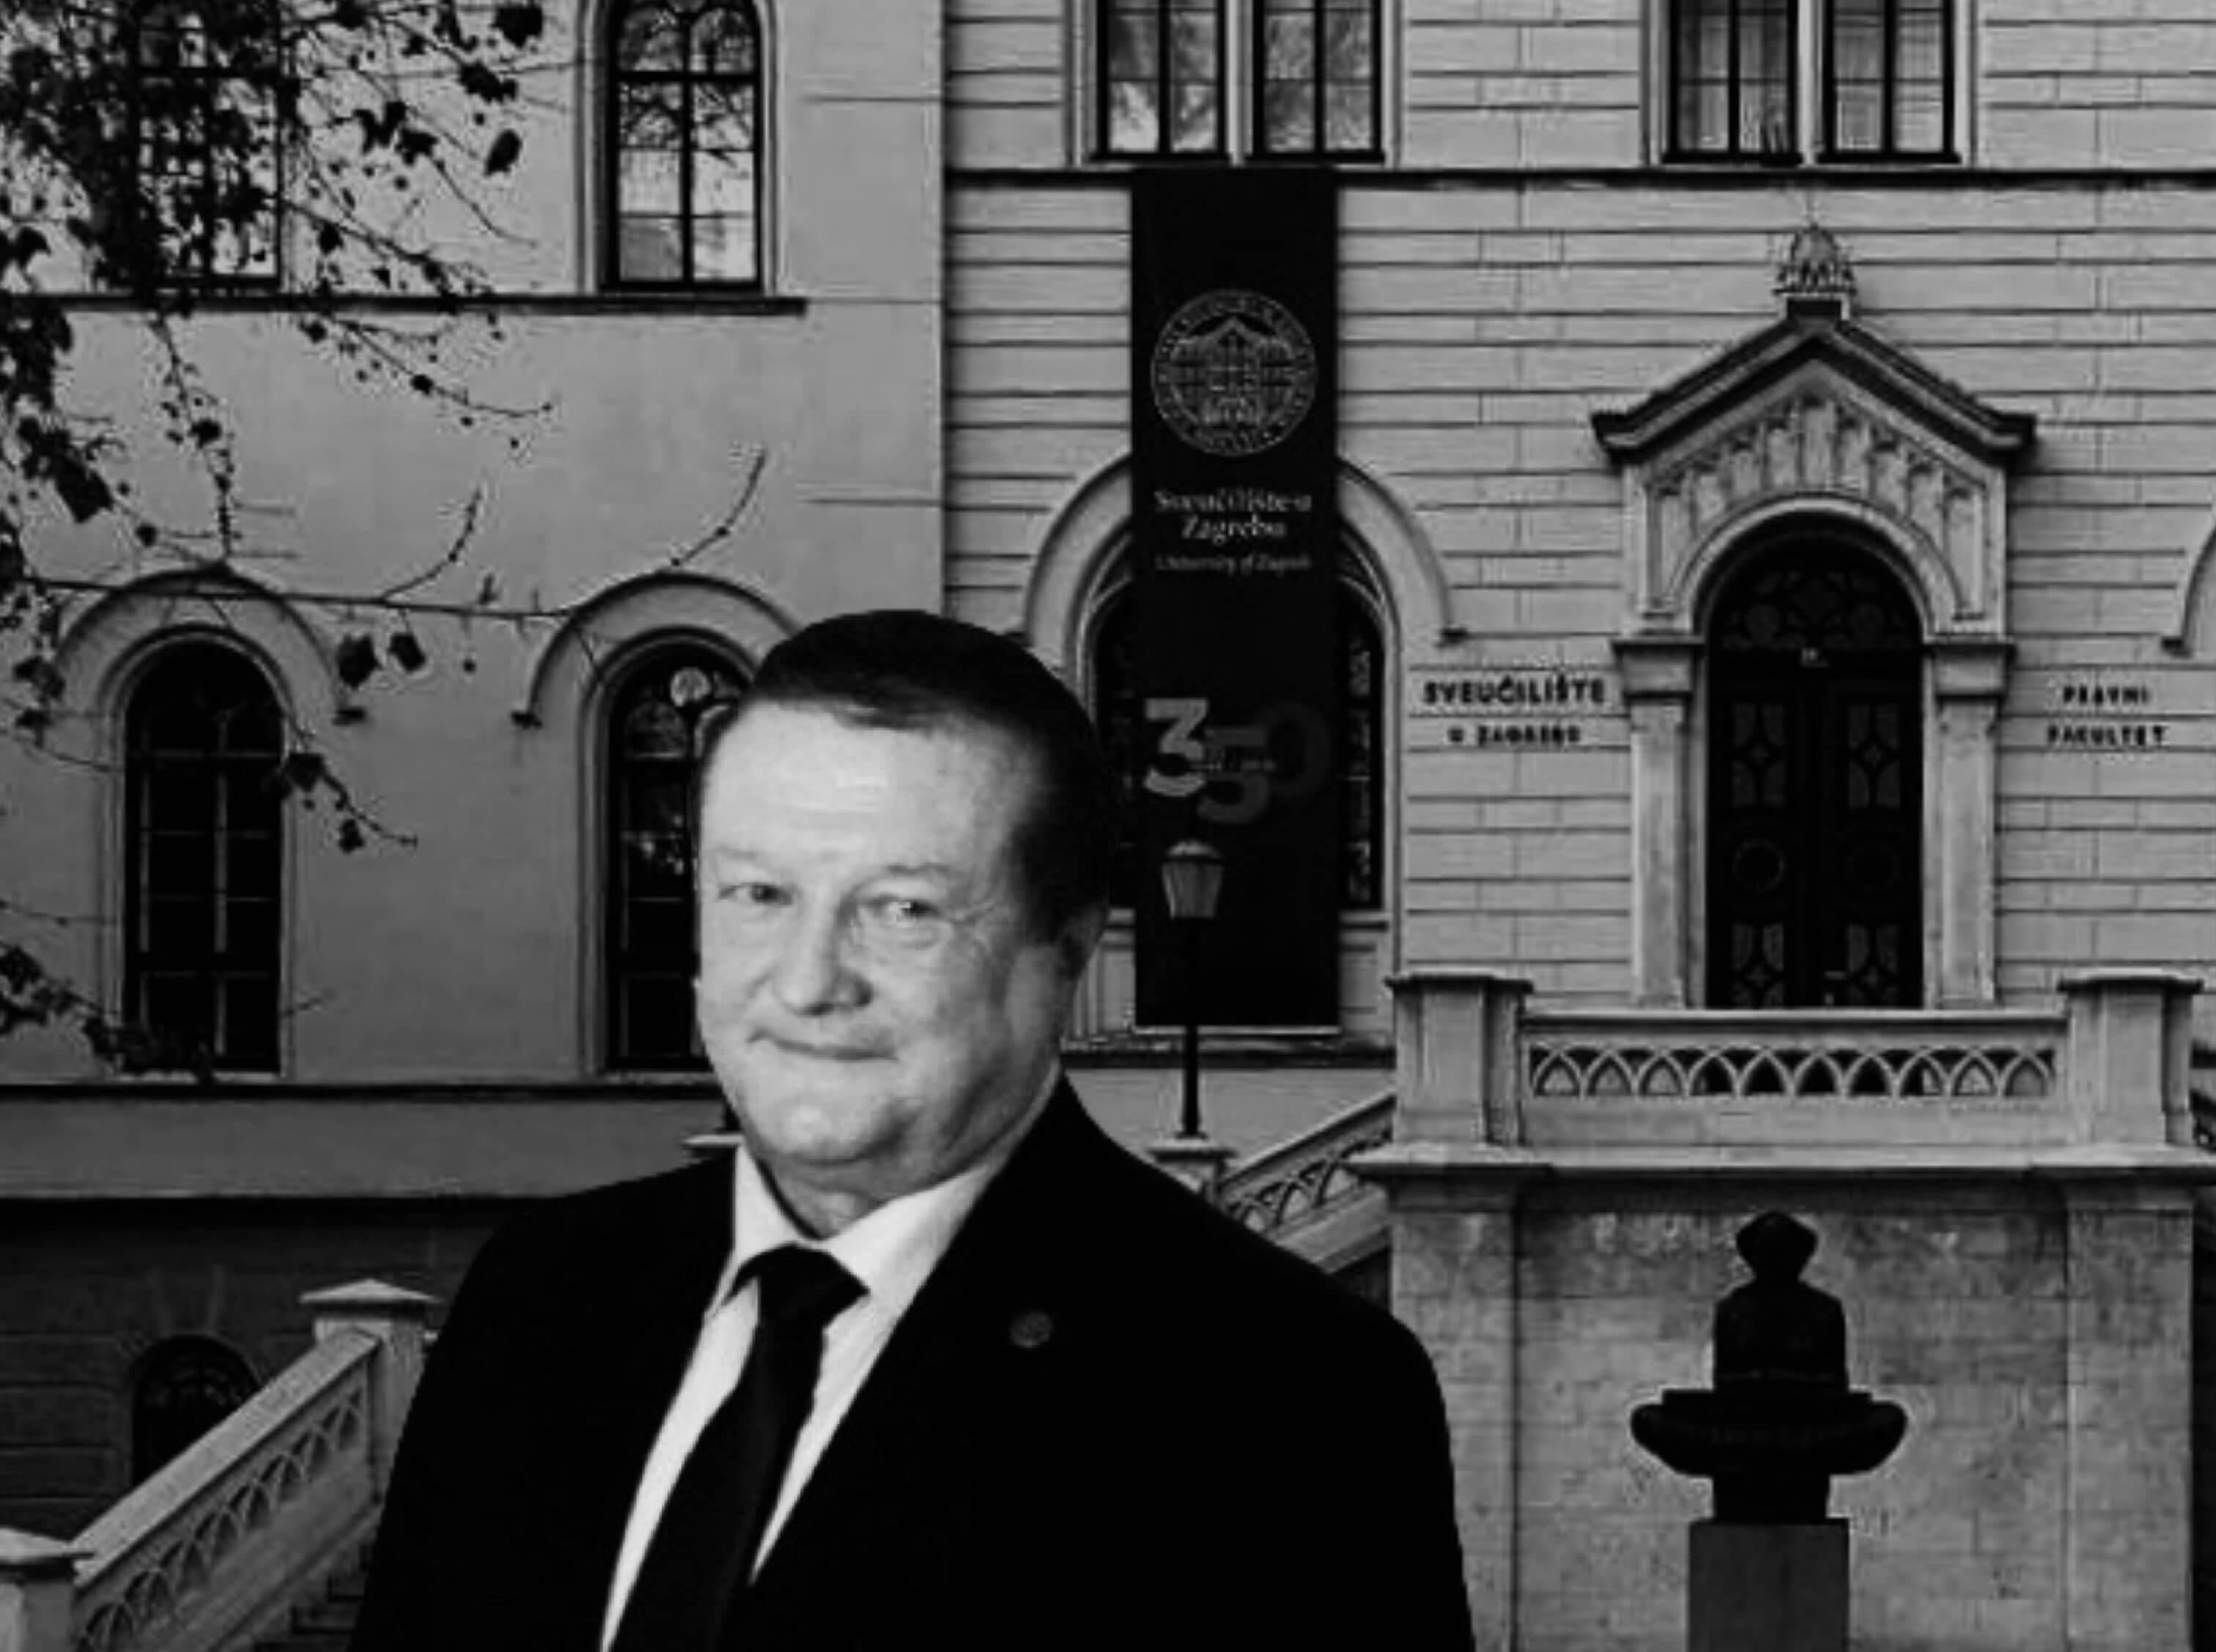 Možemo! poziva Borasa da podnese ostavku i od Plenkovića da provede nadzor nad Sveučilištem